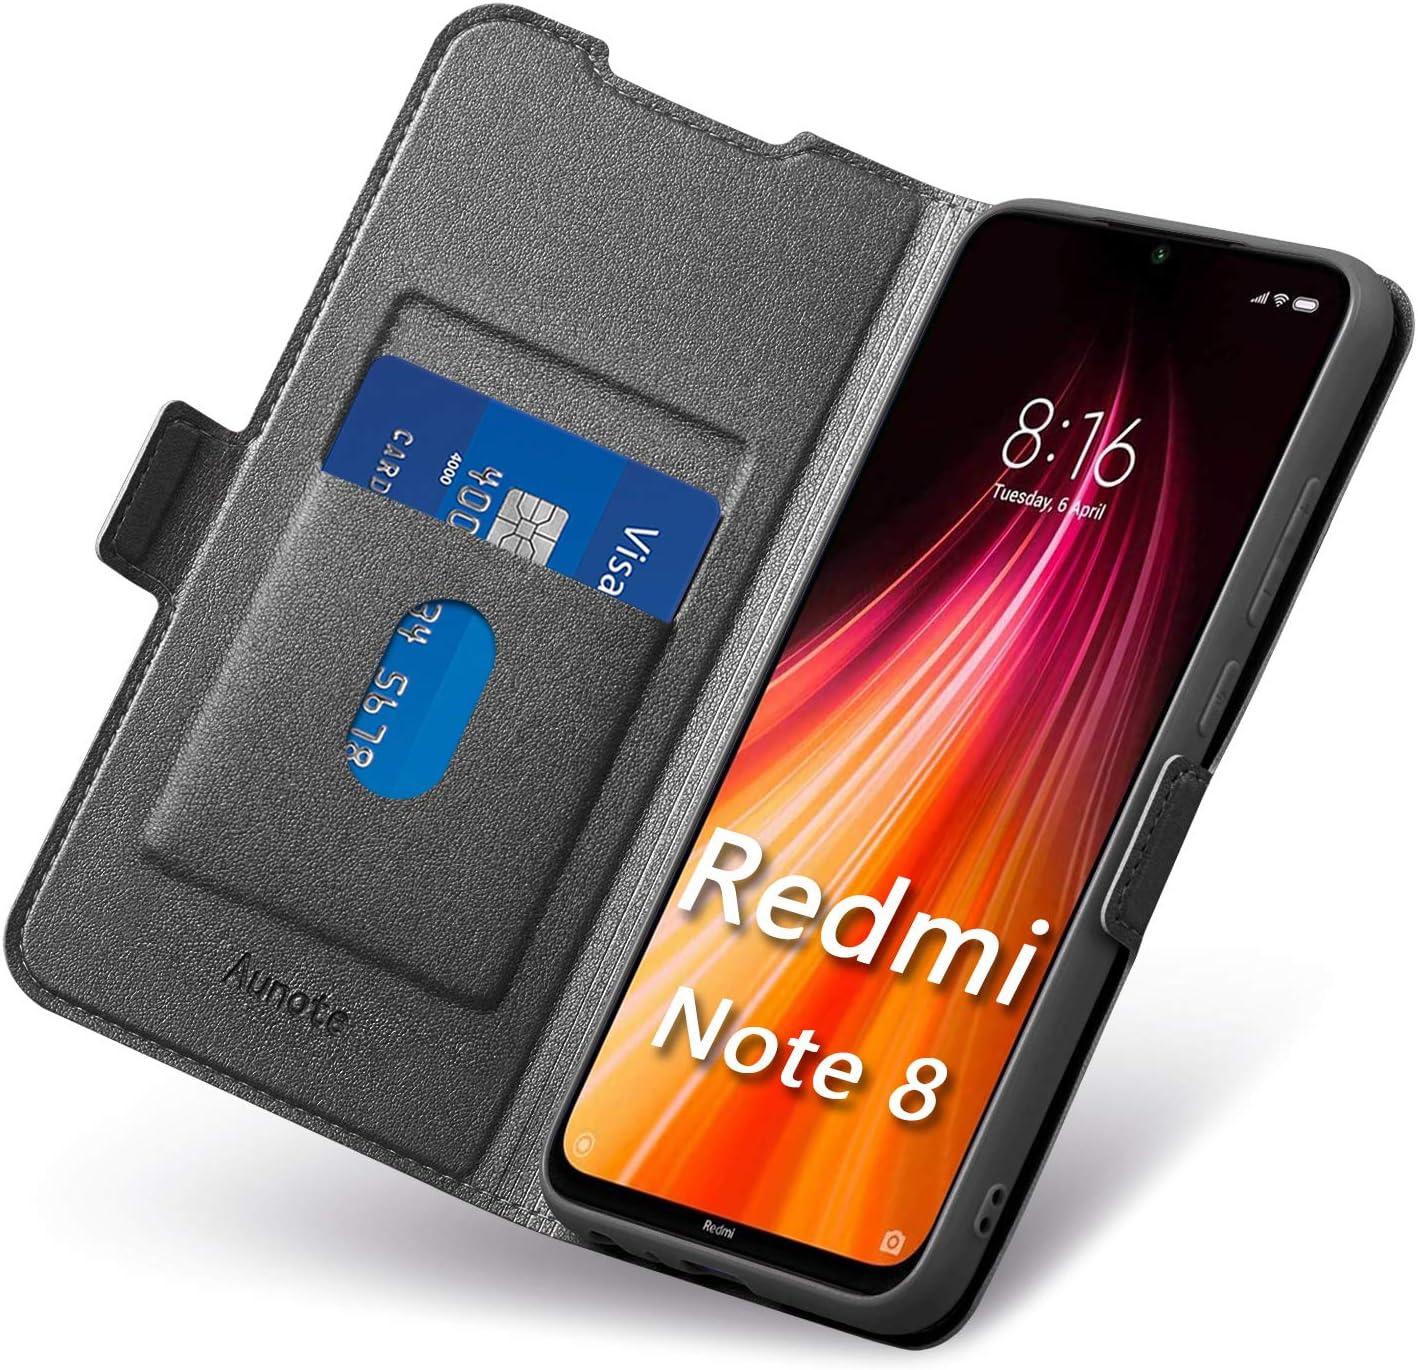 Funda Redmi Note 8, Funda Xiaomi Note 8 Libro, Carcasa Mi Note8 con Cierre Magnético, Tarjetero y Suporte, Cubierta Plegable Cartera, Flip Cover Case, Étui Piel Protección. Negro